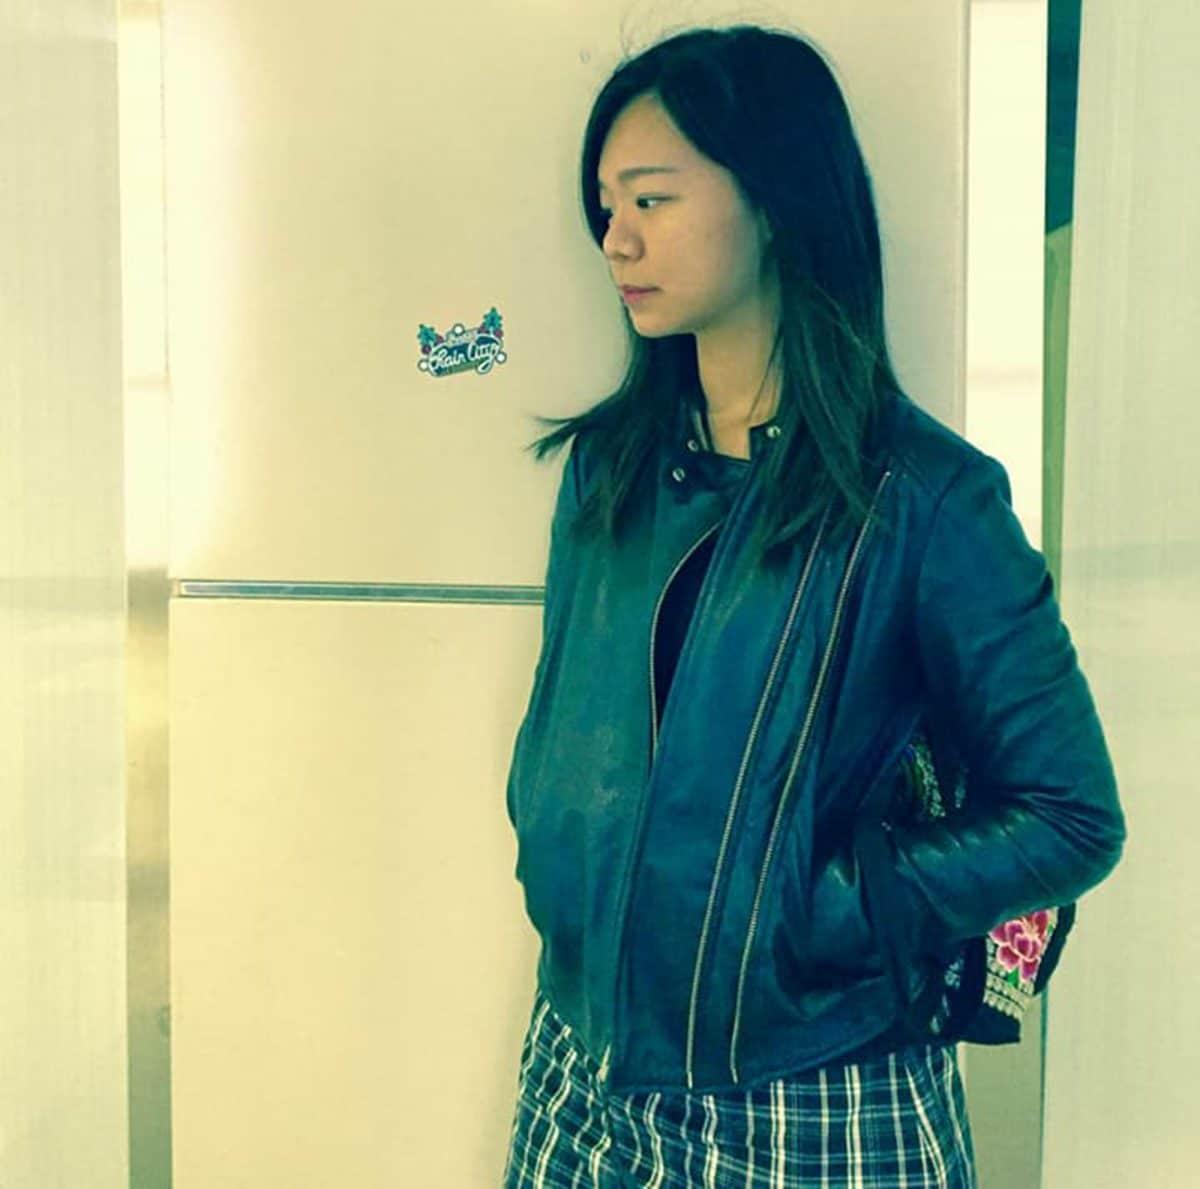 Yee-min Huang